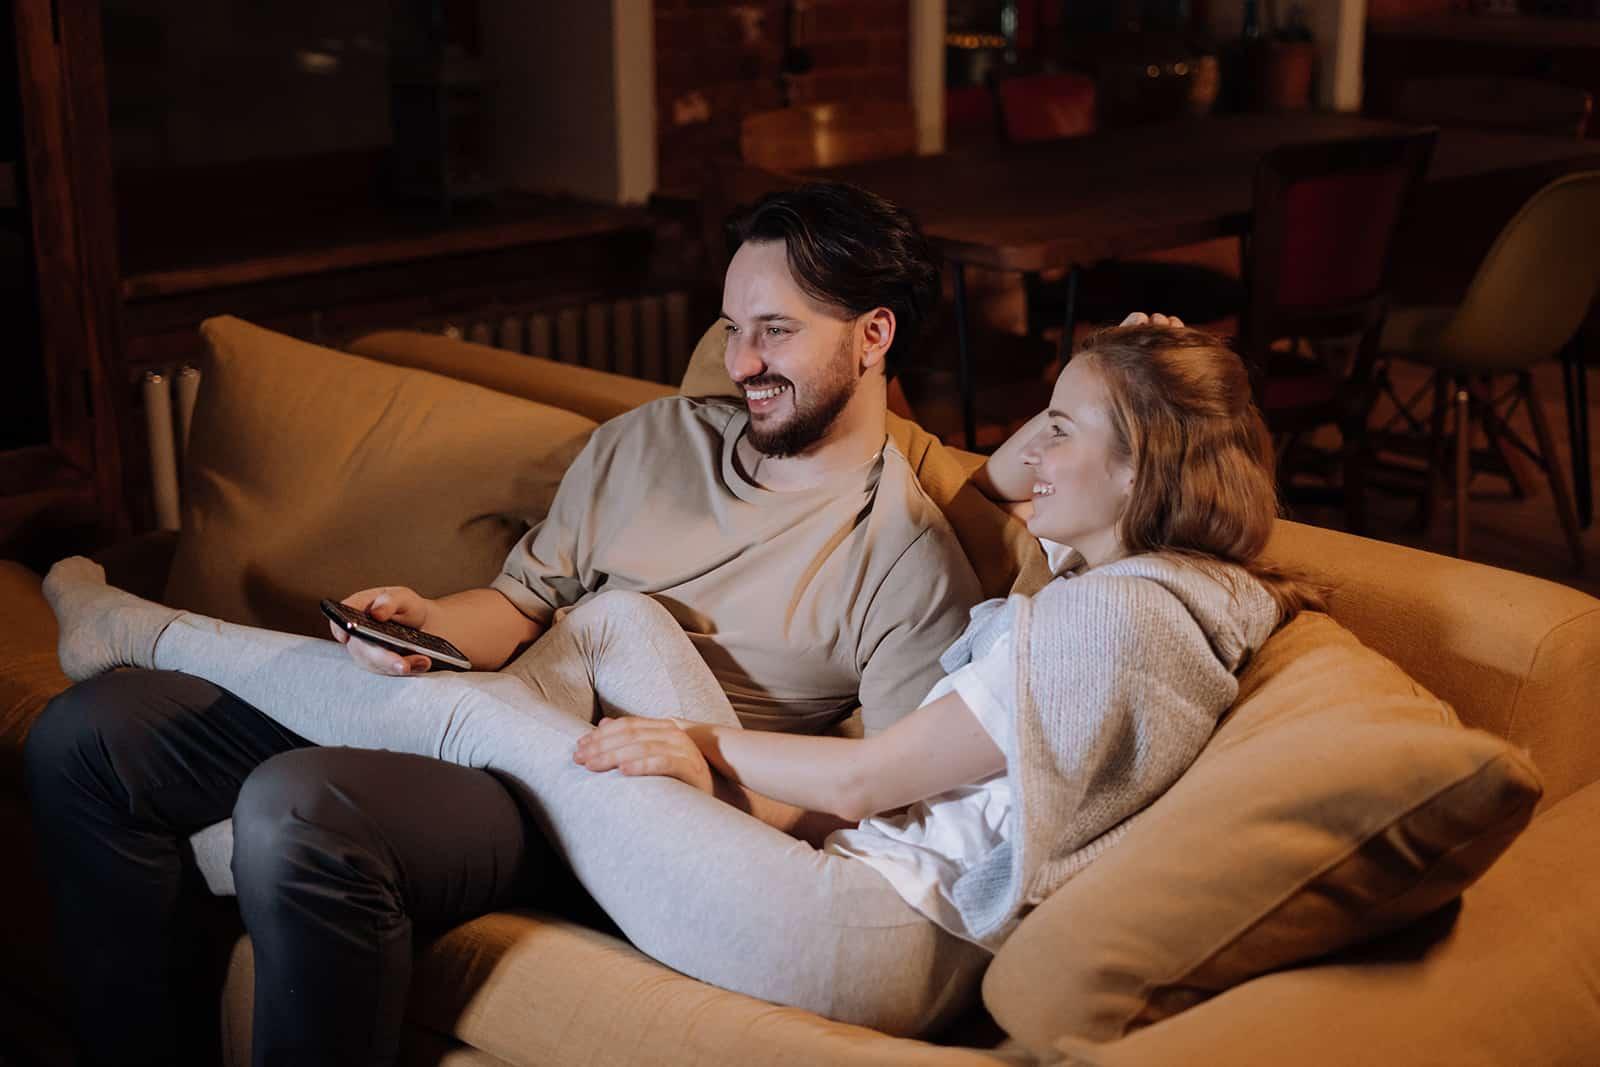 ein glückliches Paar, das abends zu Hause auf der Couch kuschelt